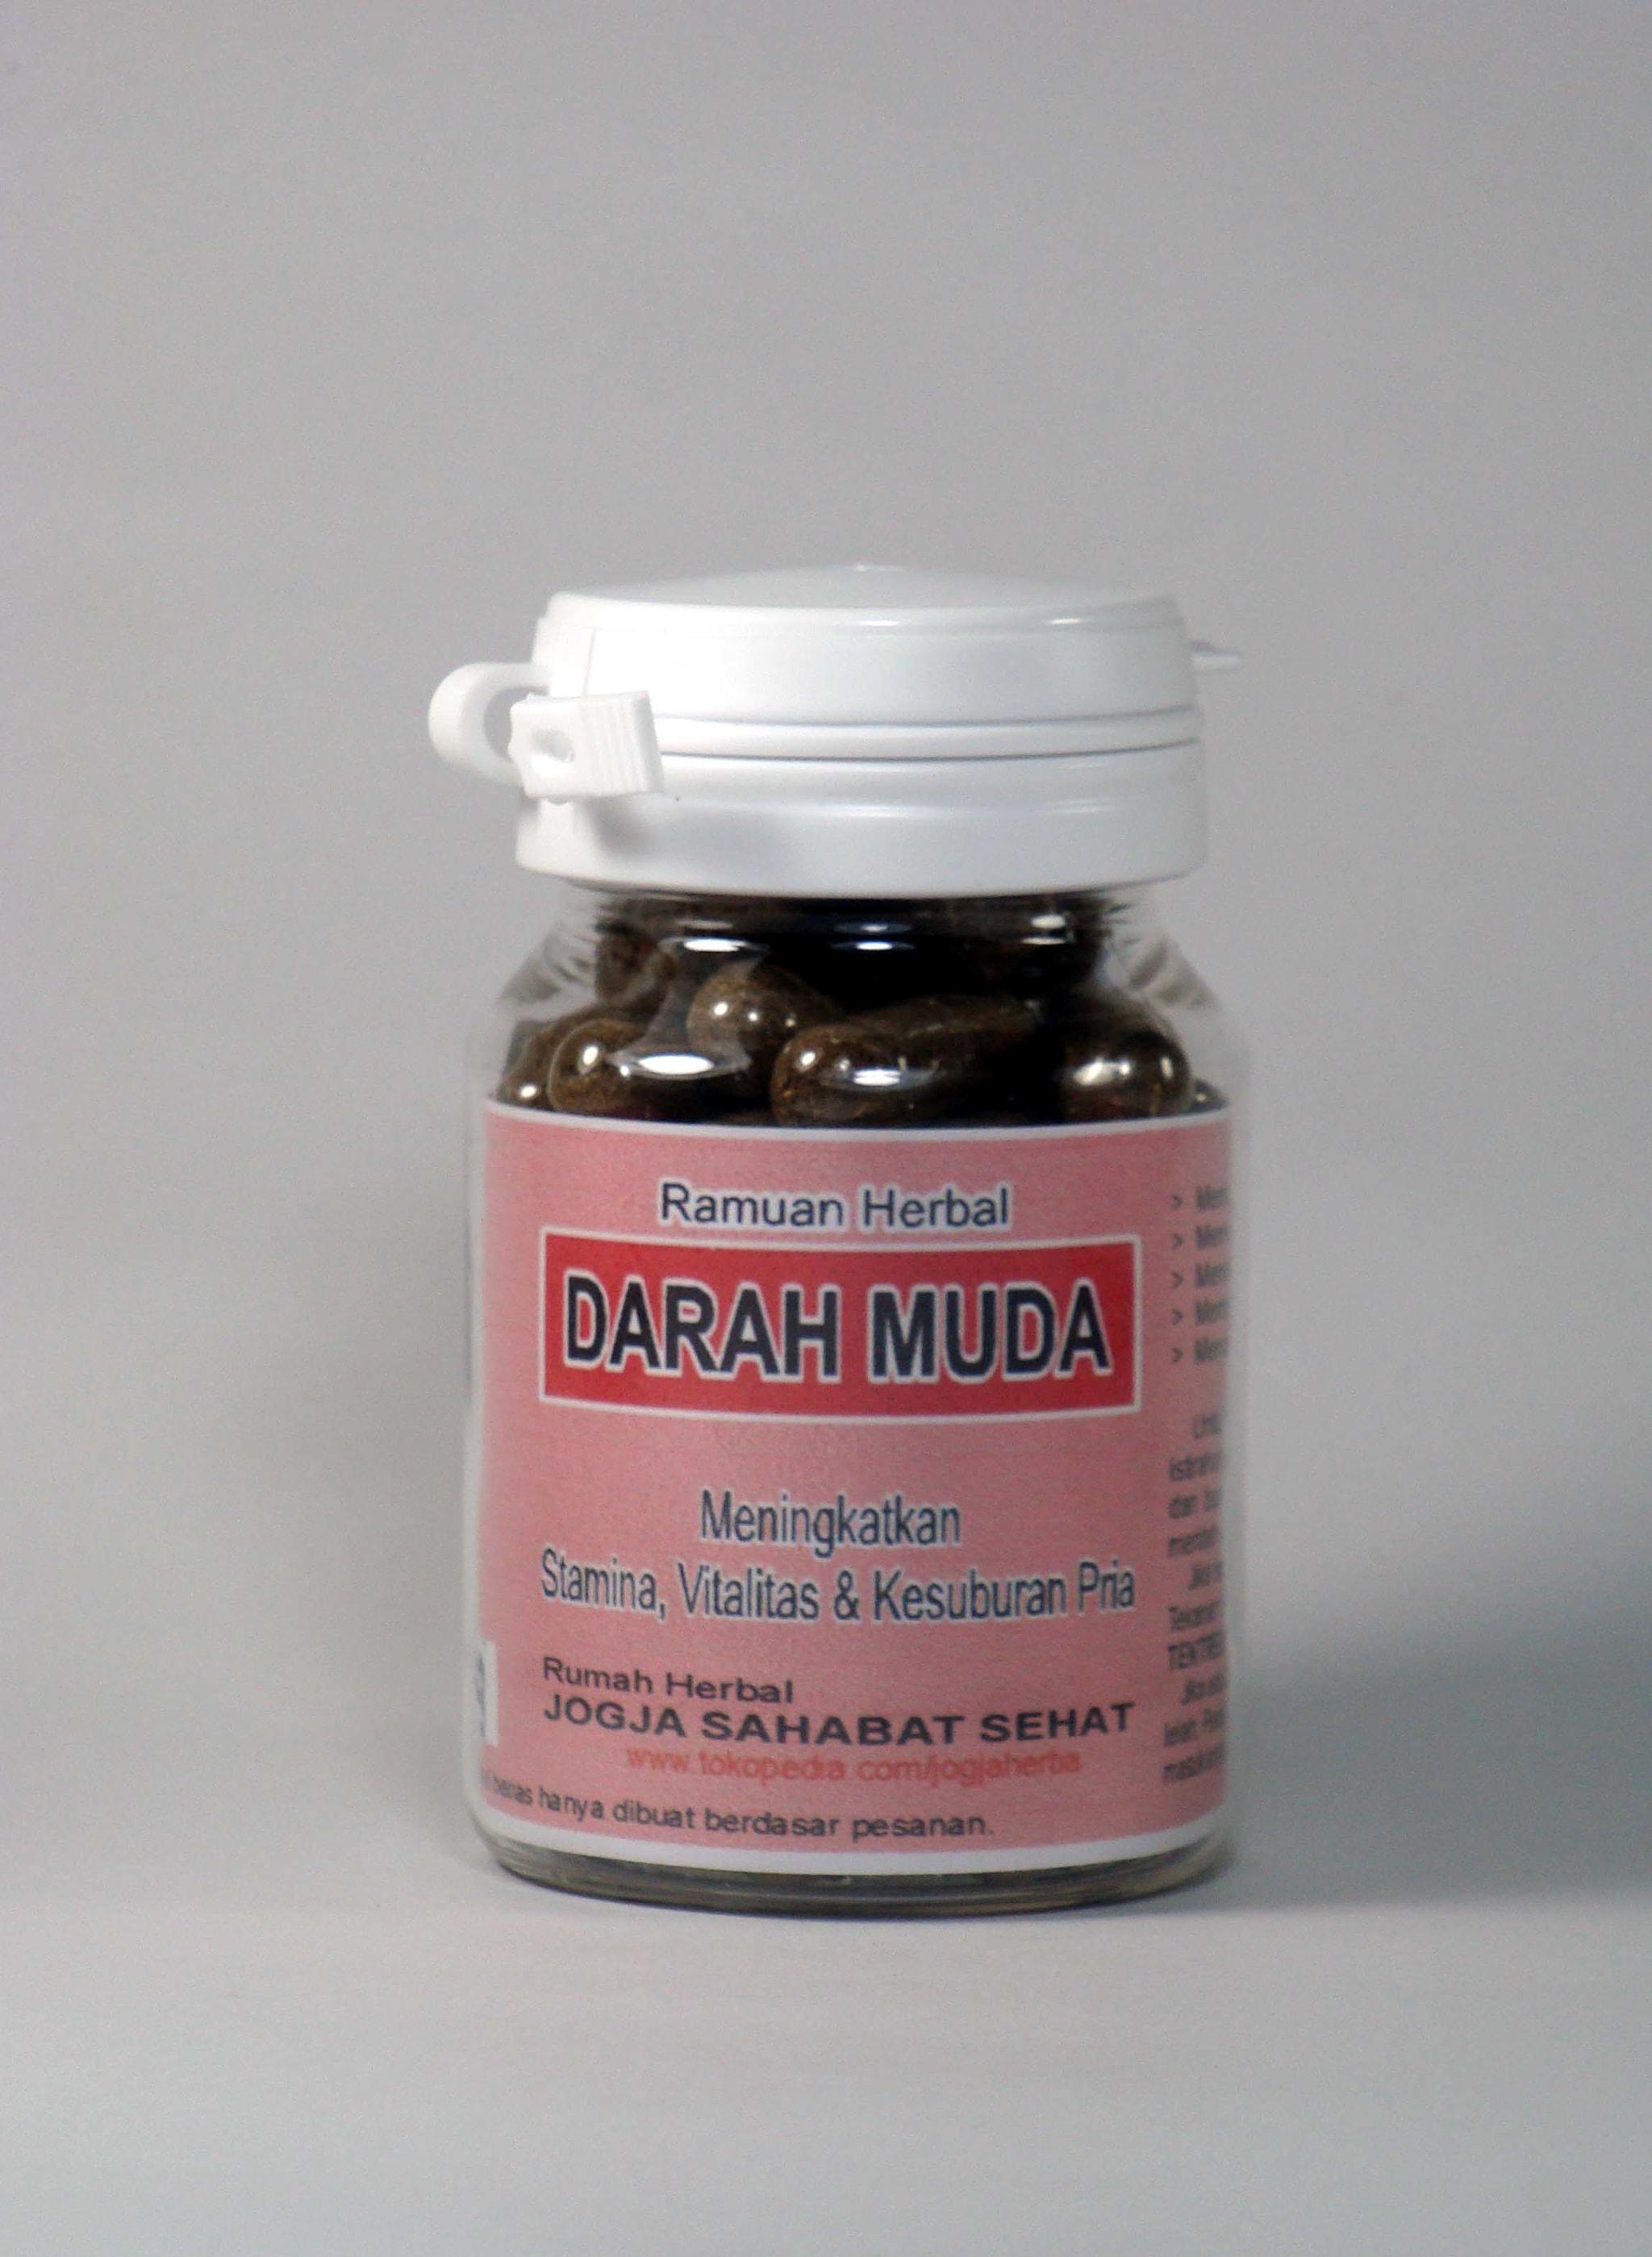 Obat Kuat Alami, Resep Ramuan Obat Kuat Herbal